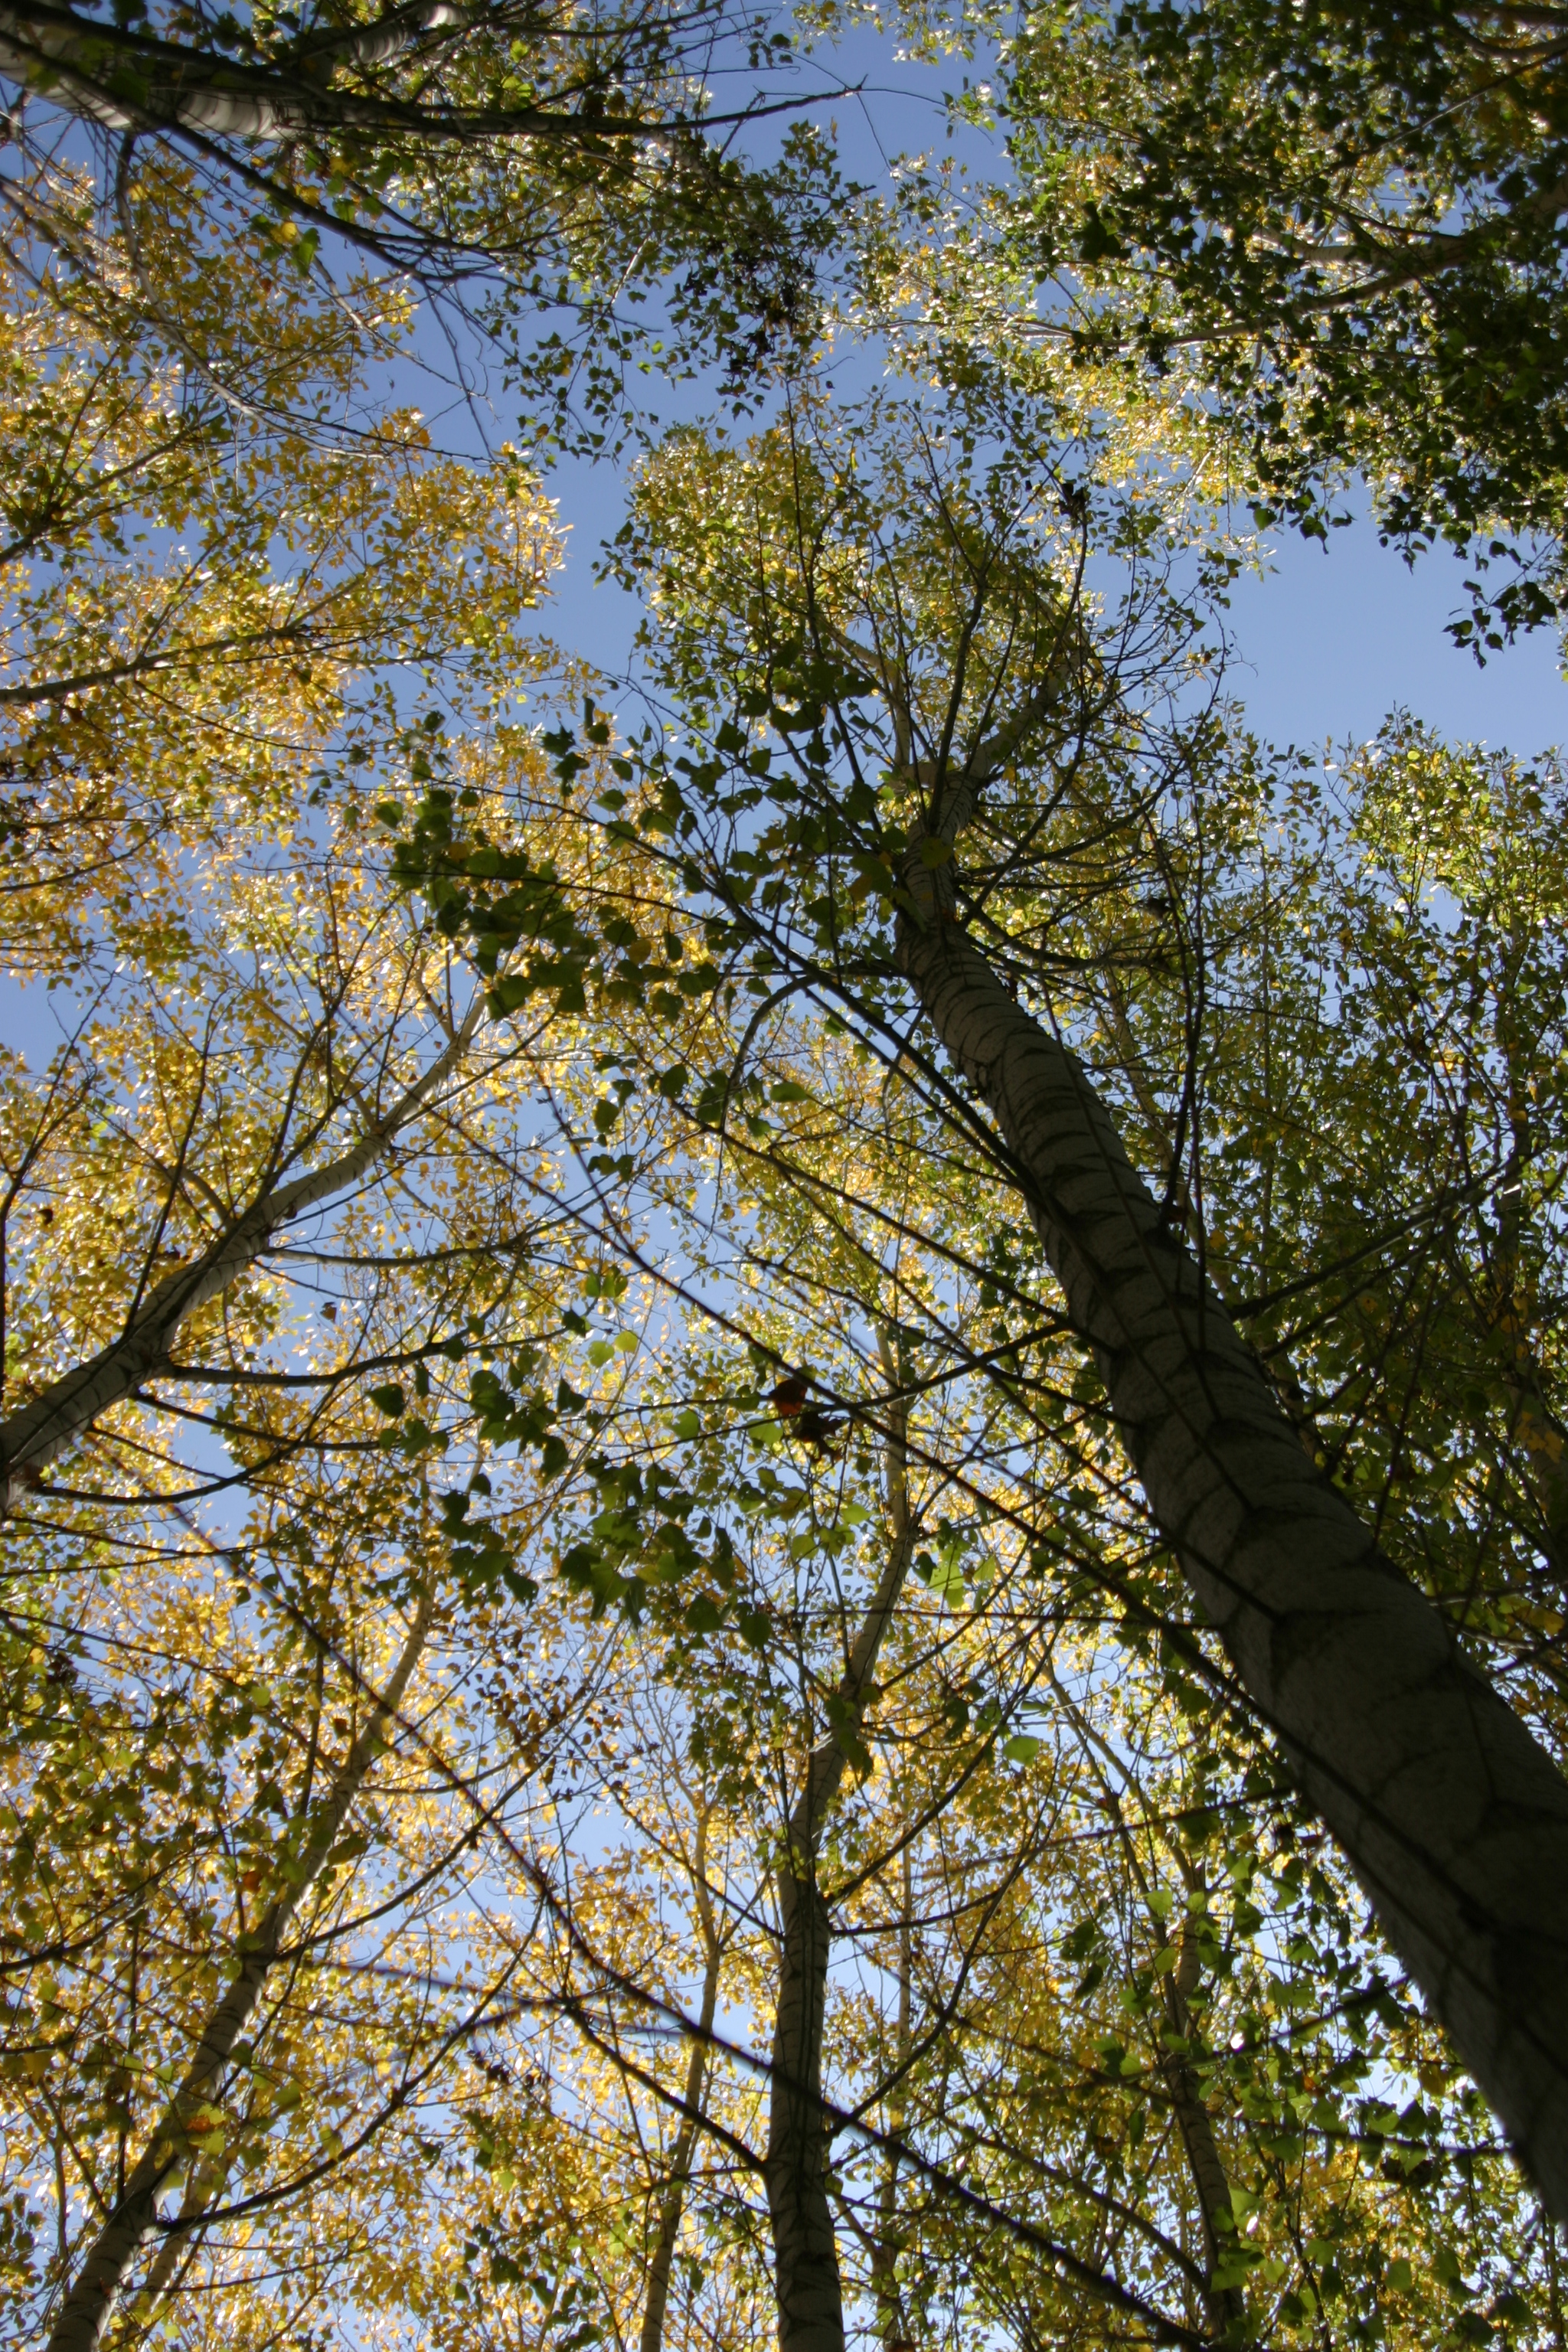 Autumn in alhama, Granada www.andrewforbes.com